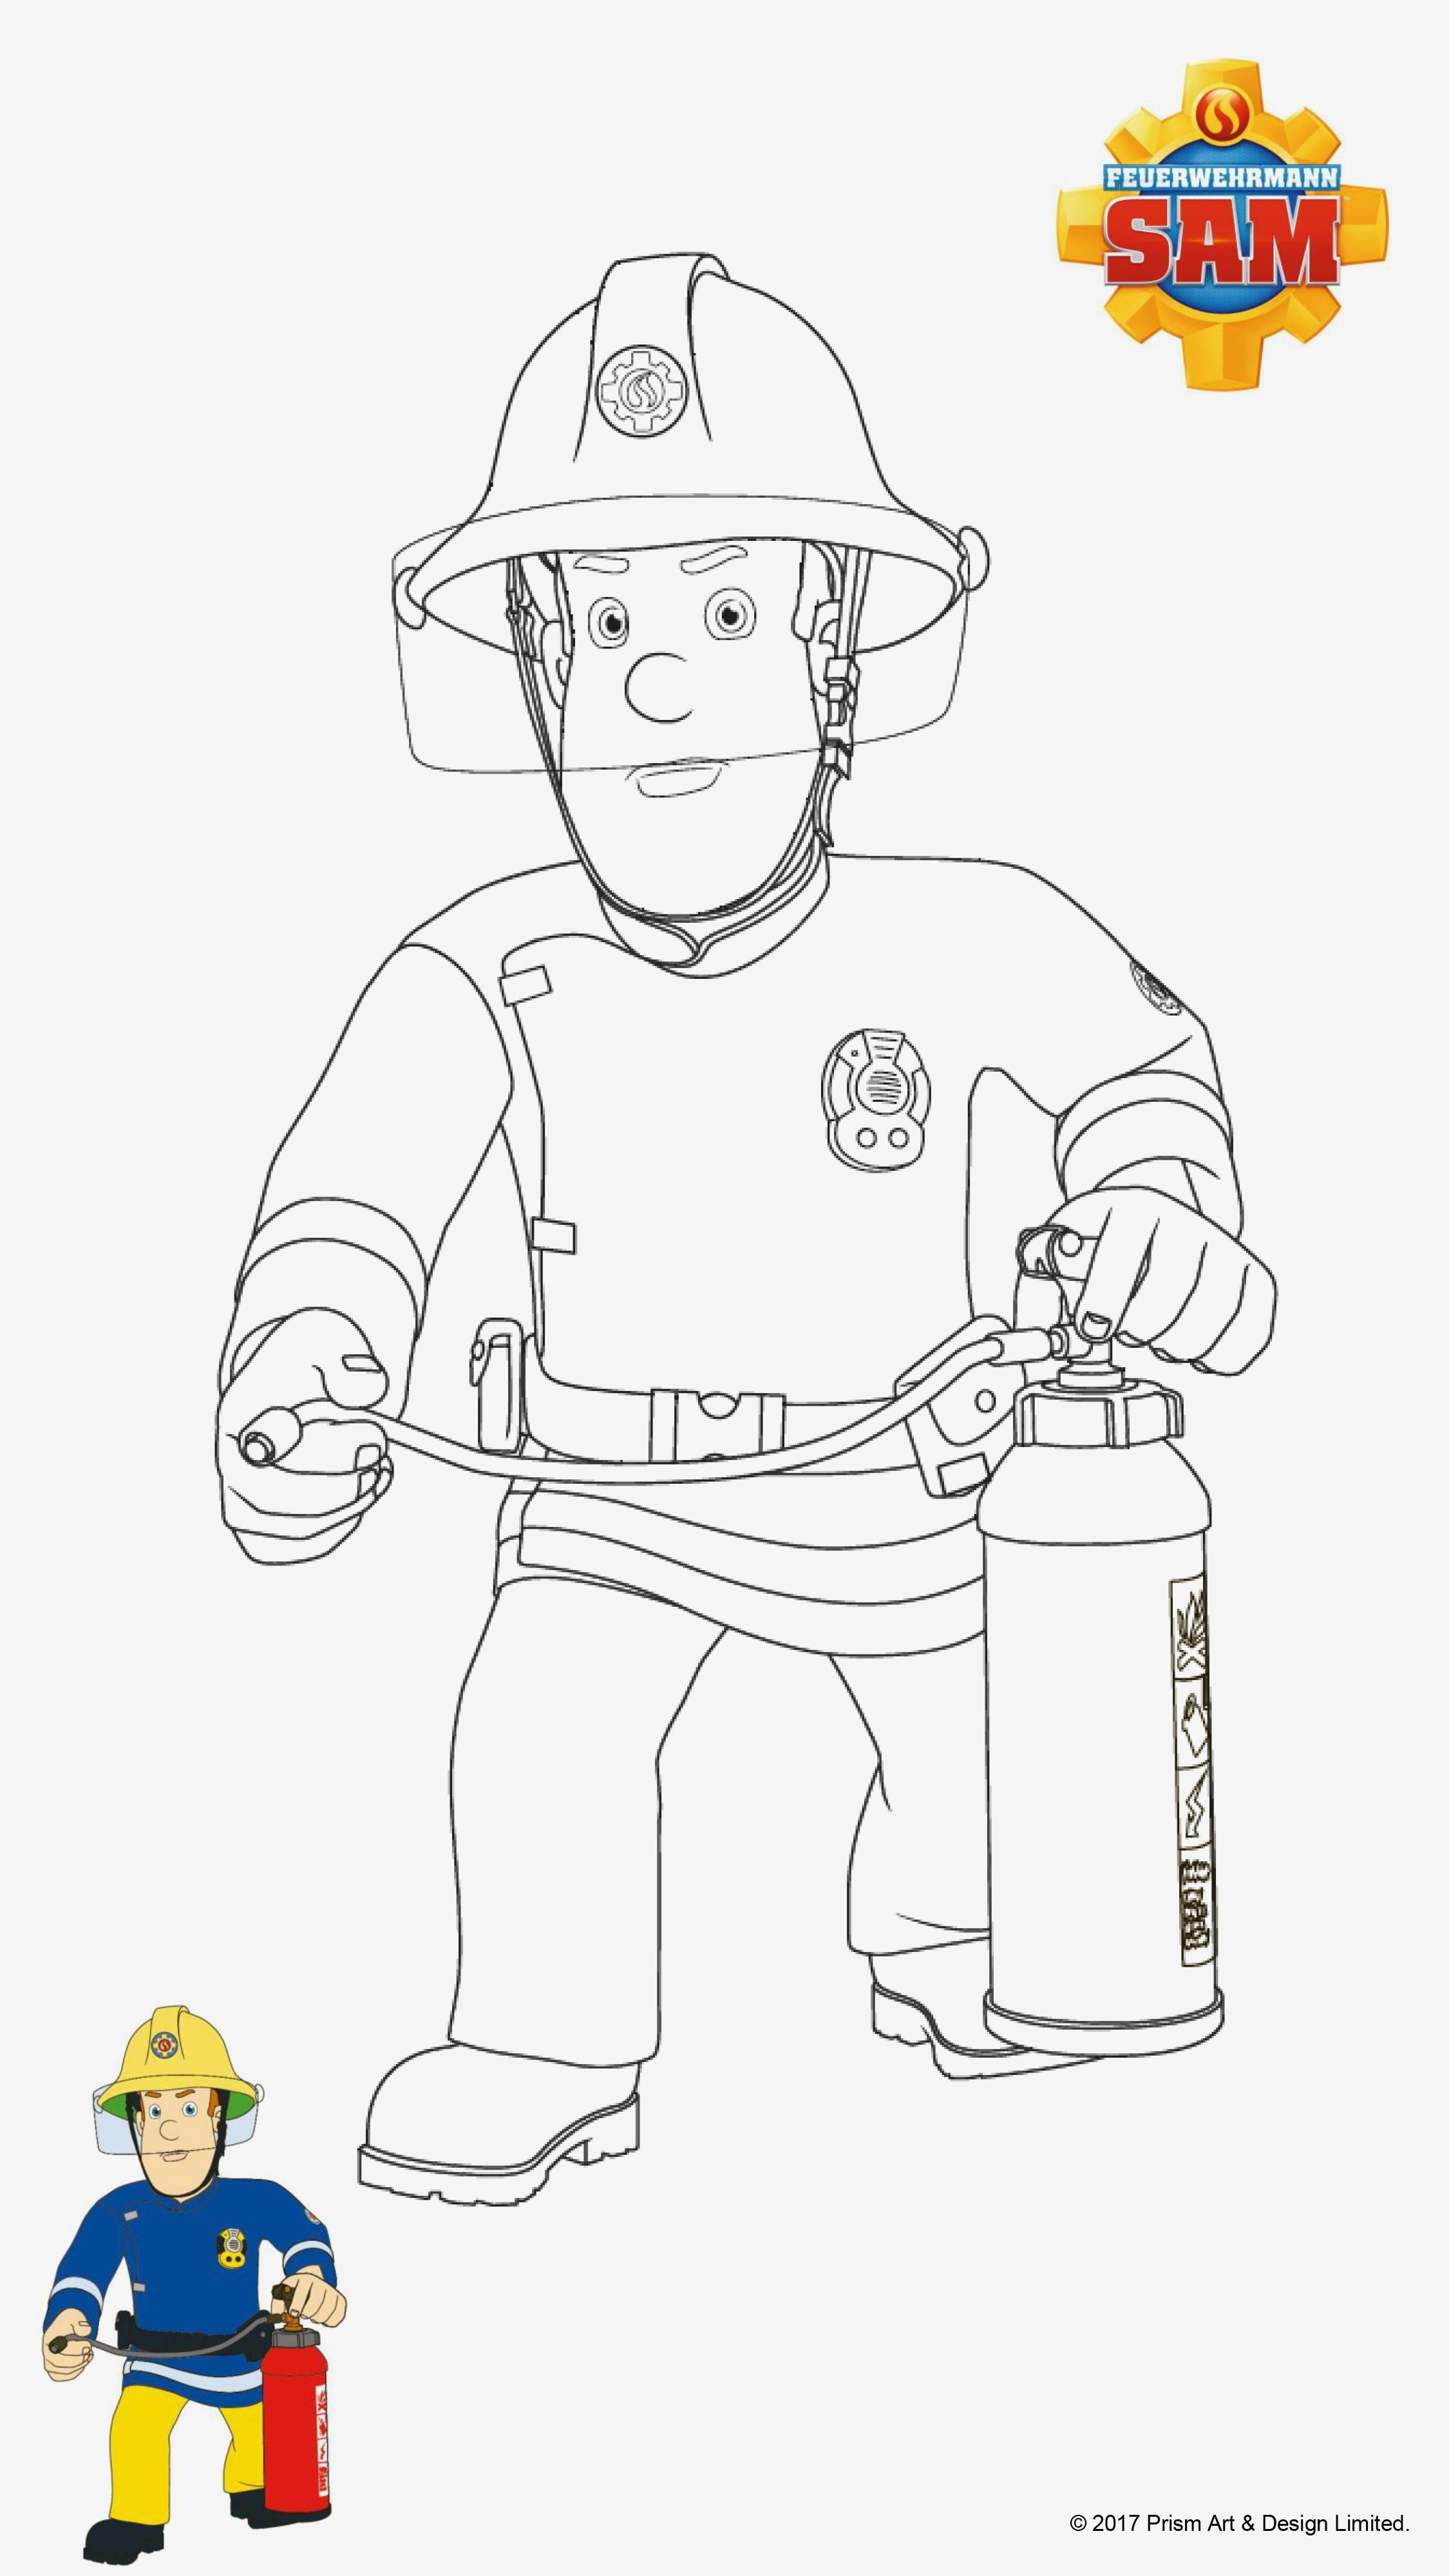 Ausmalbilder Feuerwehrmann Sam Frisch Bildergalerie & Bilder Zum Ausmalen Feuerwehrmann Sam Malvorlage Das Bild